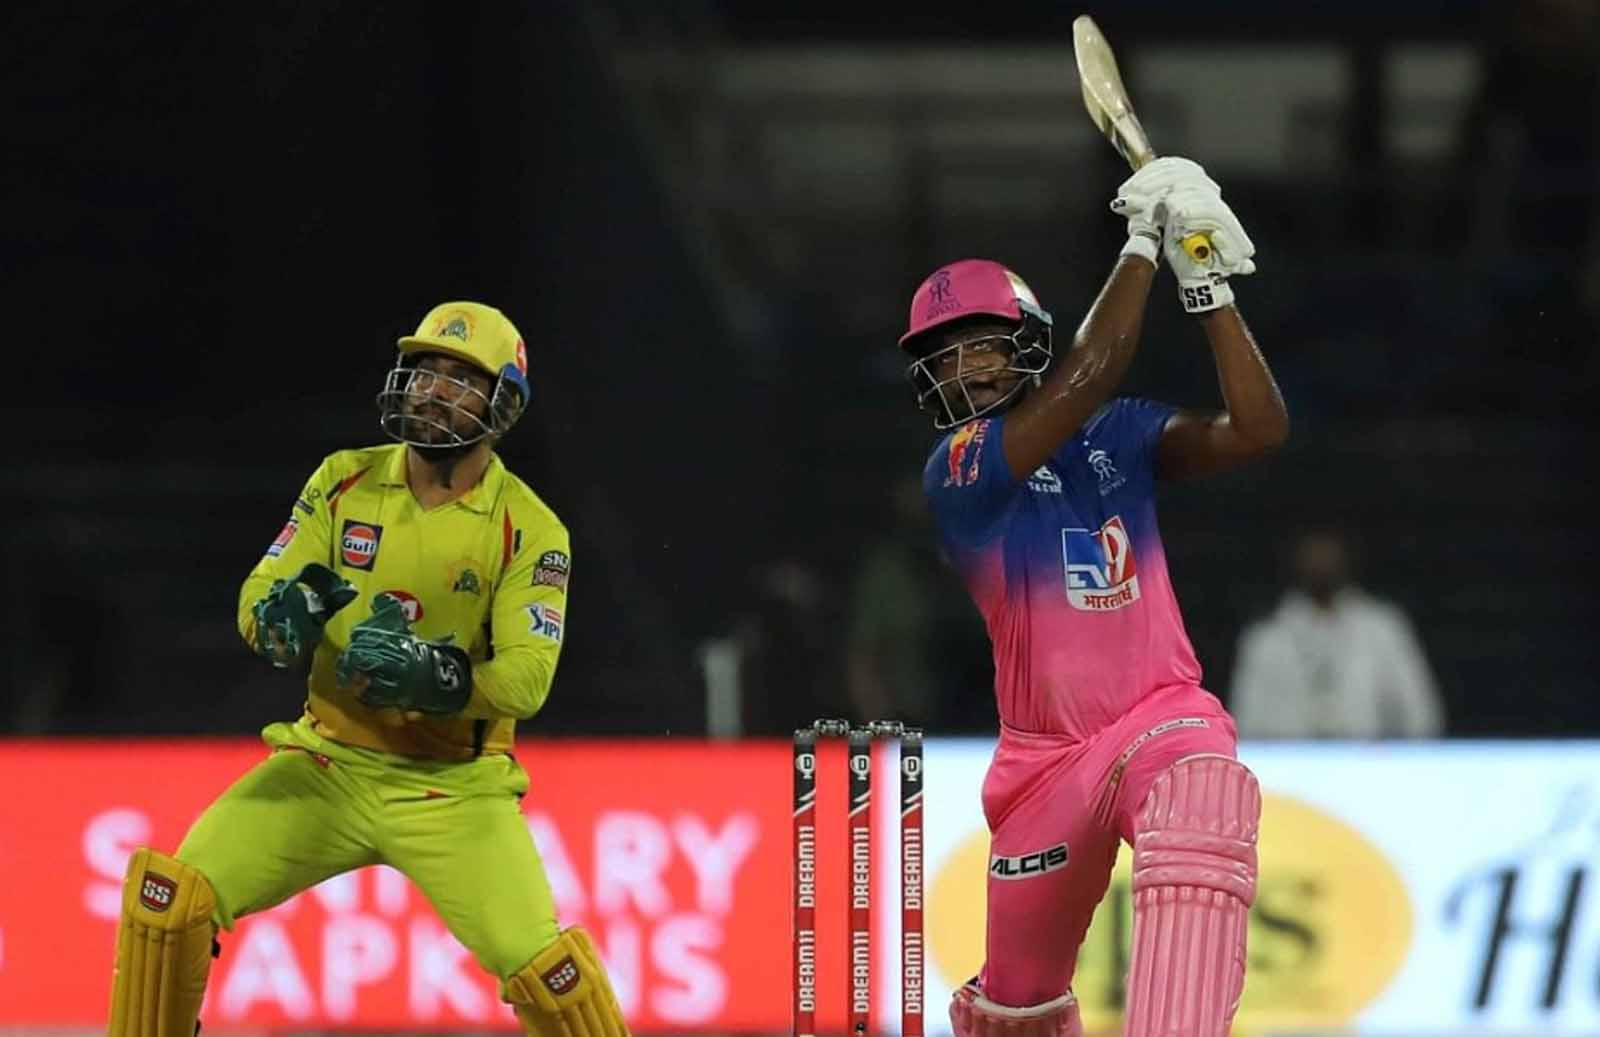 Gautam Gambhir names Sanju Samson as the best young Indian batsman; Manoj Tiwary reacts